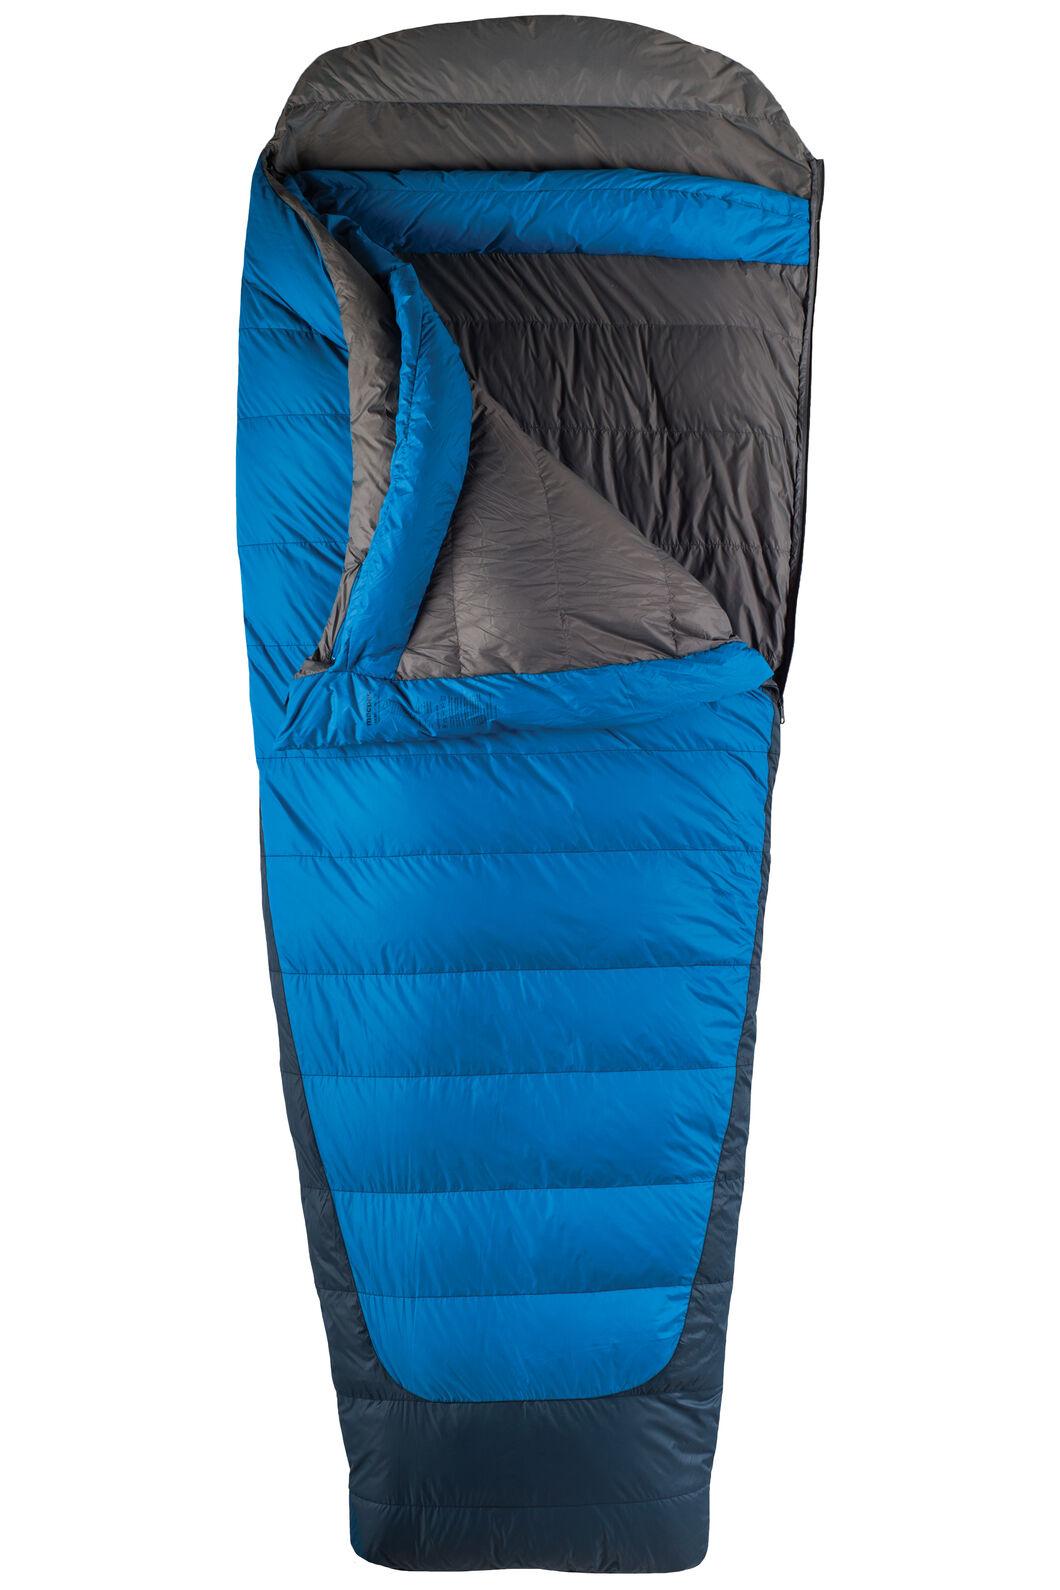 Escapade Down 700 Sleeping Bag - Women's, Classic Blue, hi-res